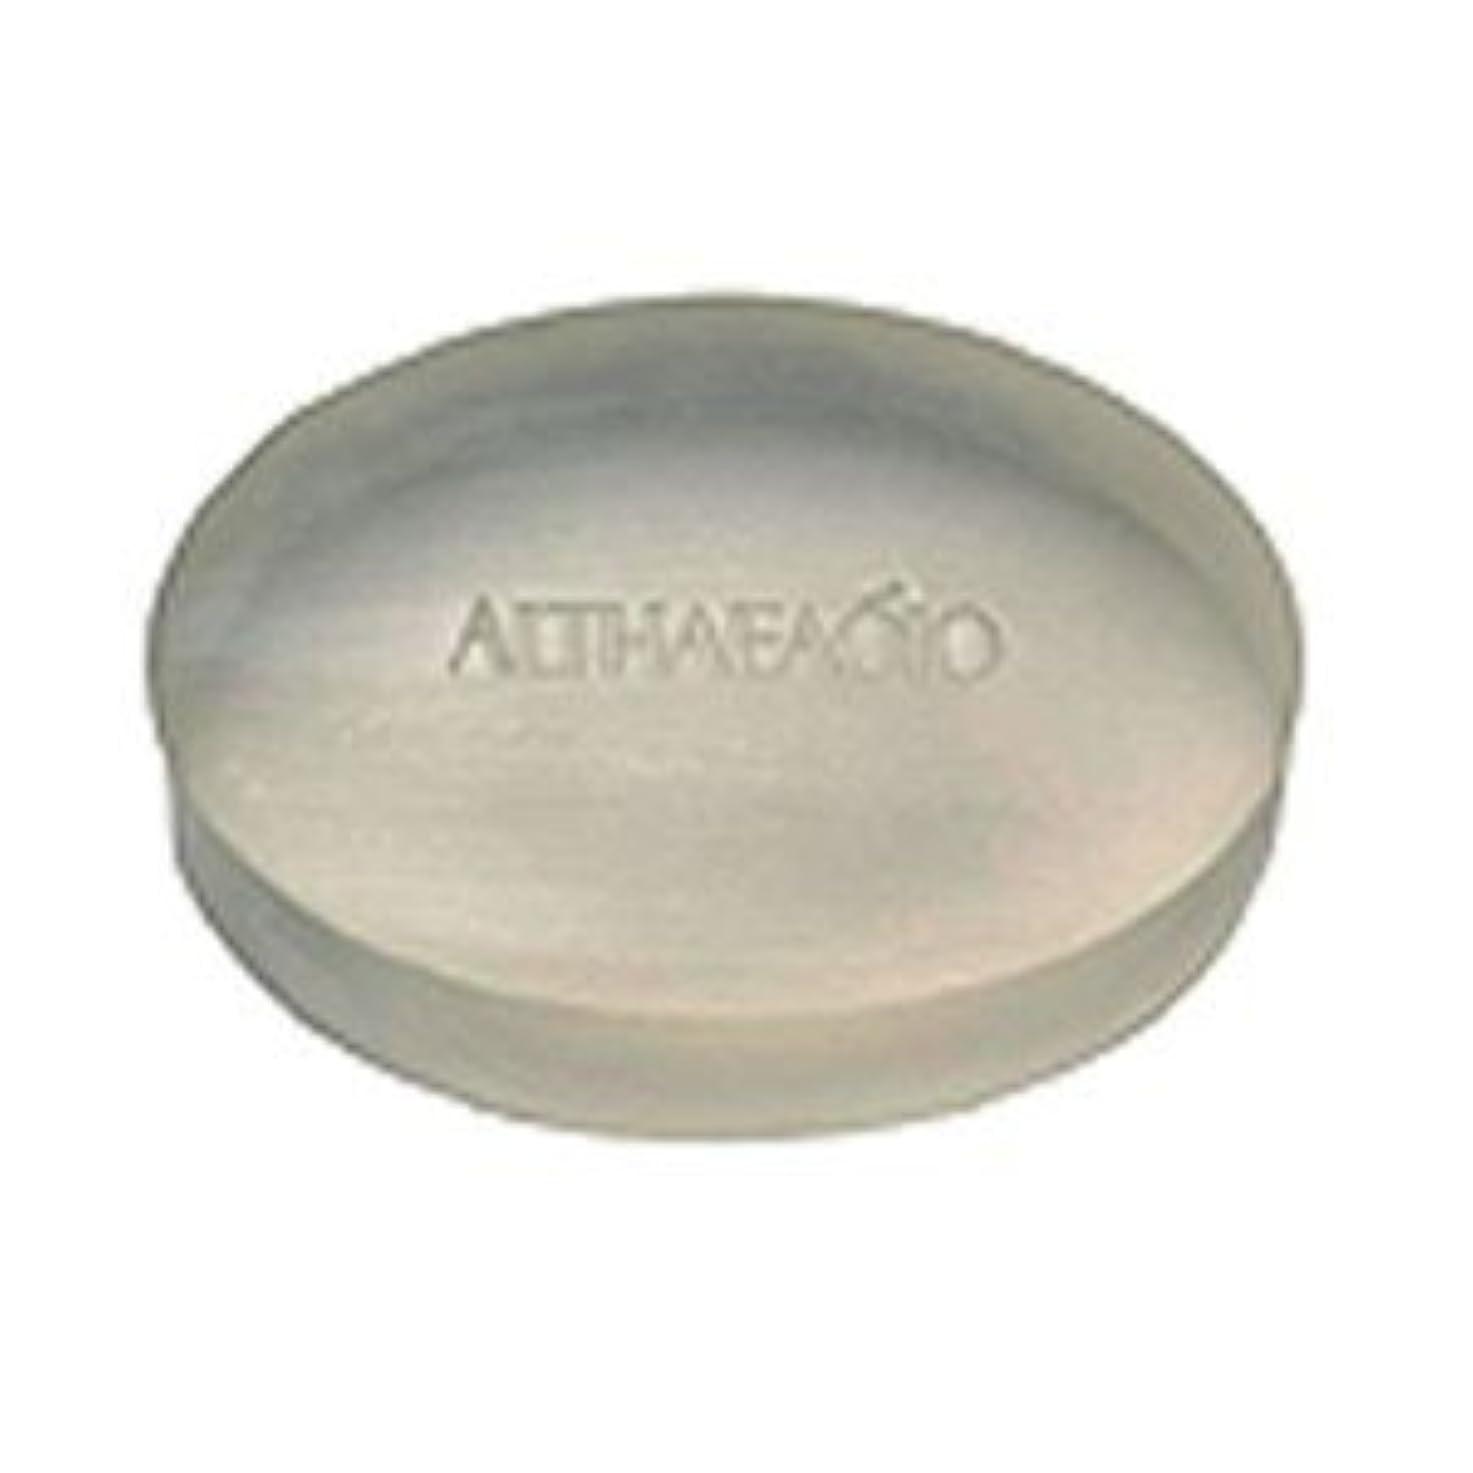 化学吹雪発表セプテム エルテオ ソープ レフィル 100g 薬用洗顔石けん